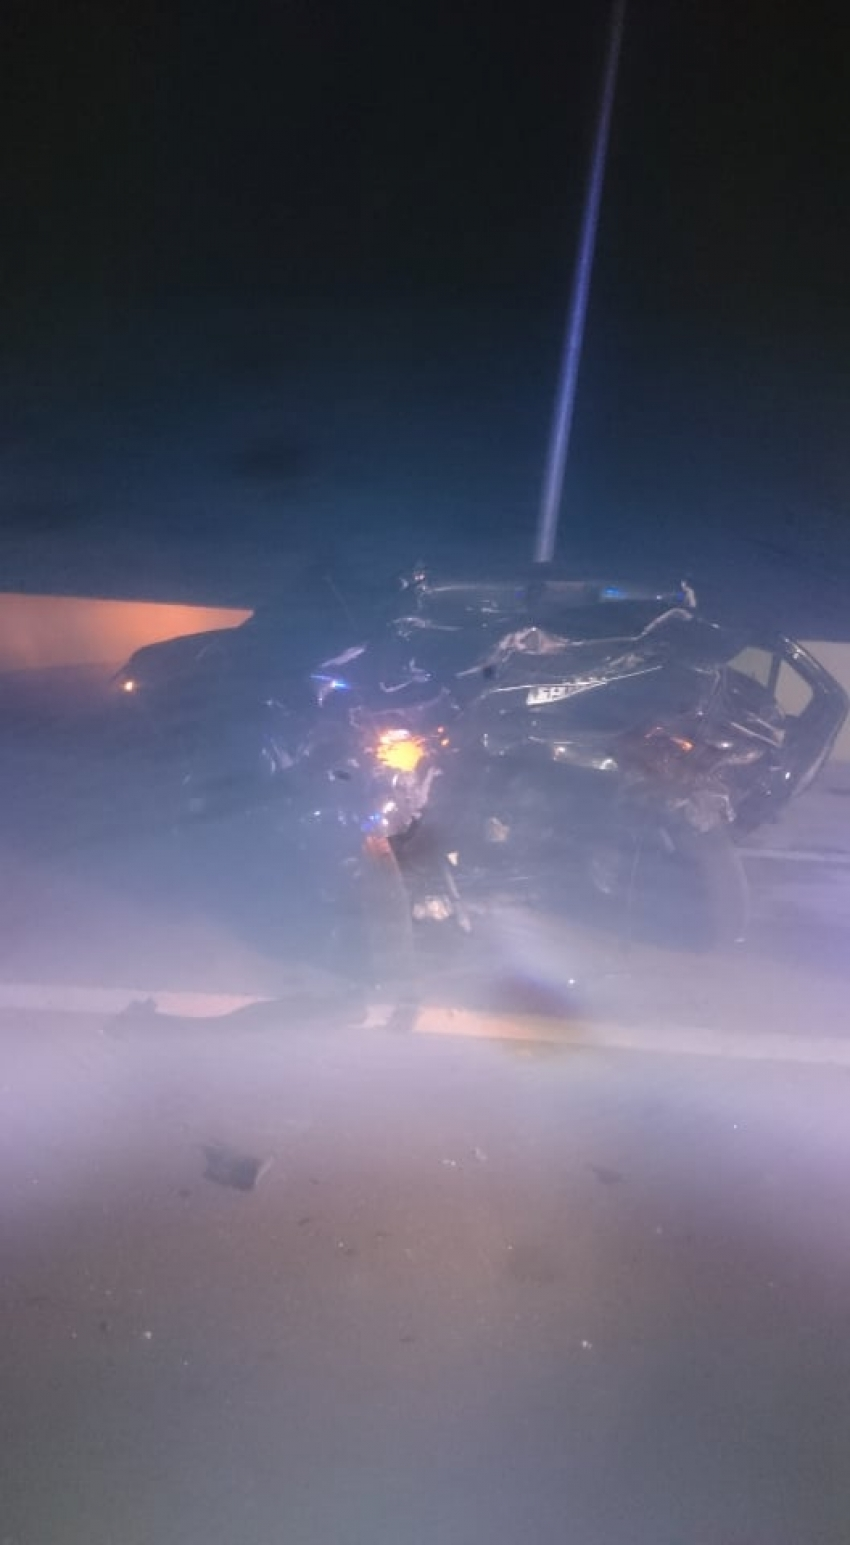 صورة اليوم : مصرع شخص واصابة اثنين اخرين في حادث تصادم سيارتين ملاكي بطريق السخنة